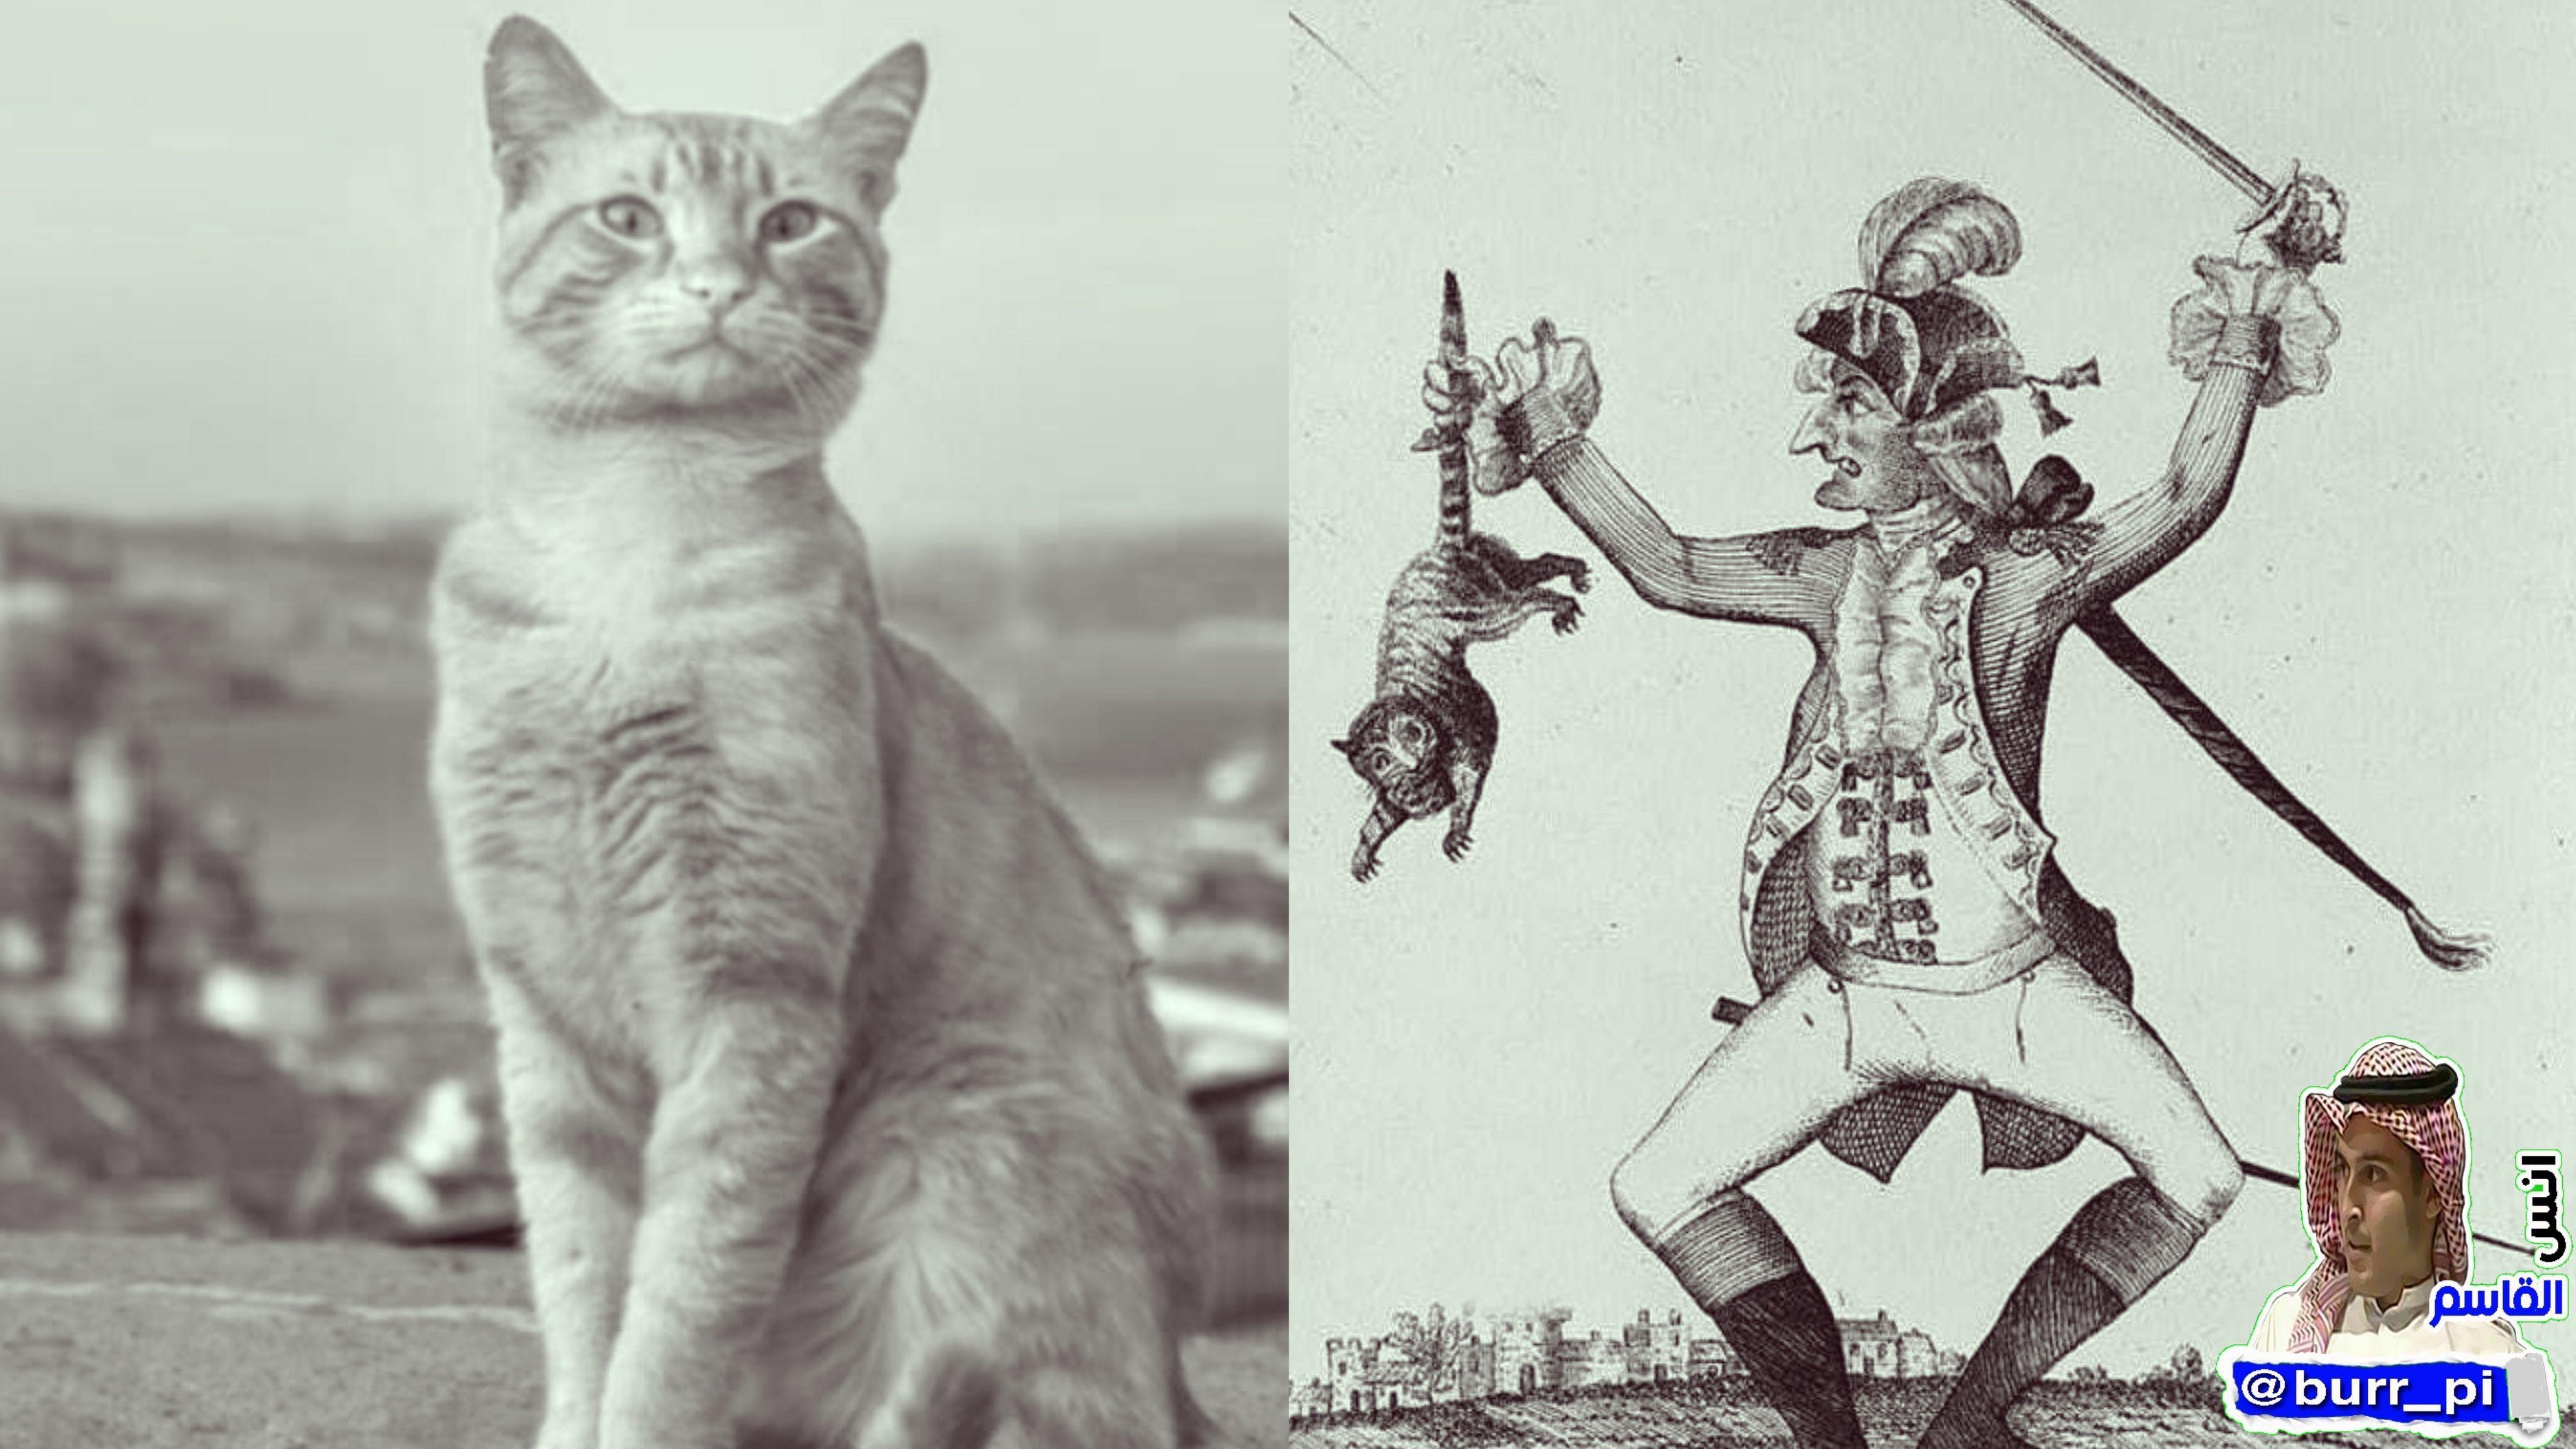 قديما أعلن البابا غريغوري إن الشيطان يتجسد في القطط وقام بقتل الملايين من القطط فانتشرت الفئران ونشرت الأمراض مما أدى إلى وفاة نحو ثلث Art Humanoid Sketch